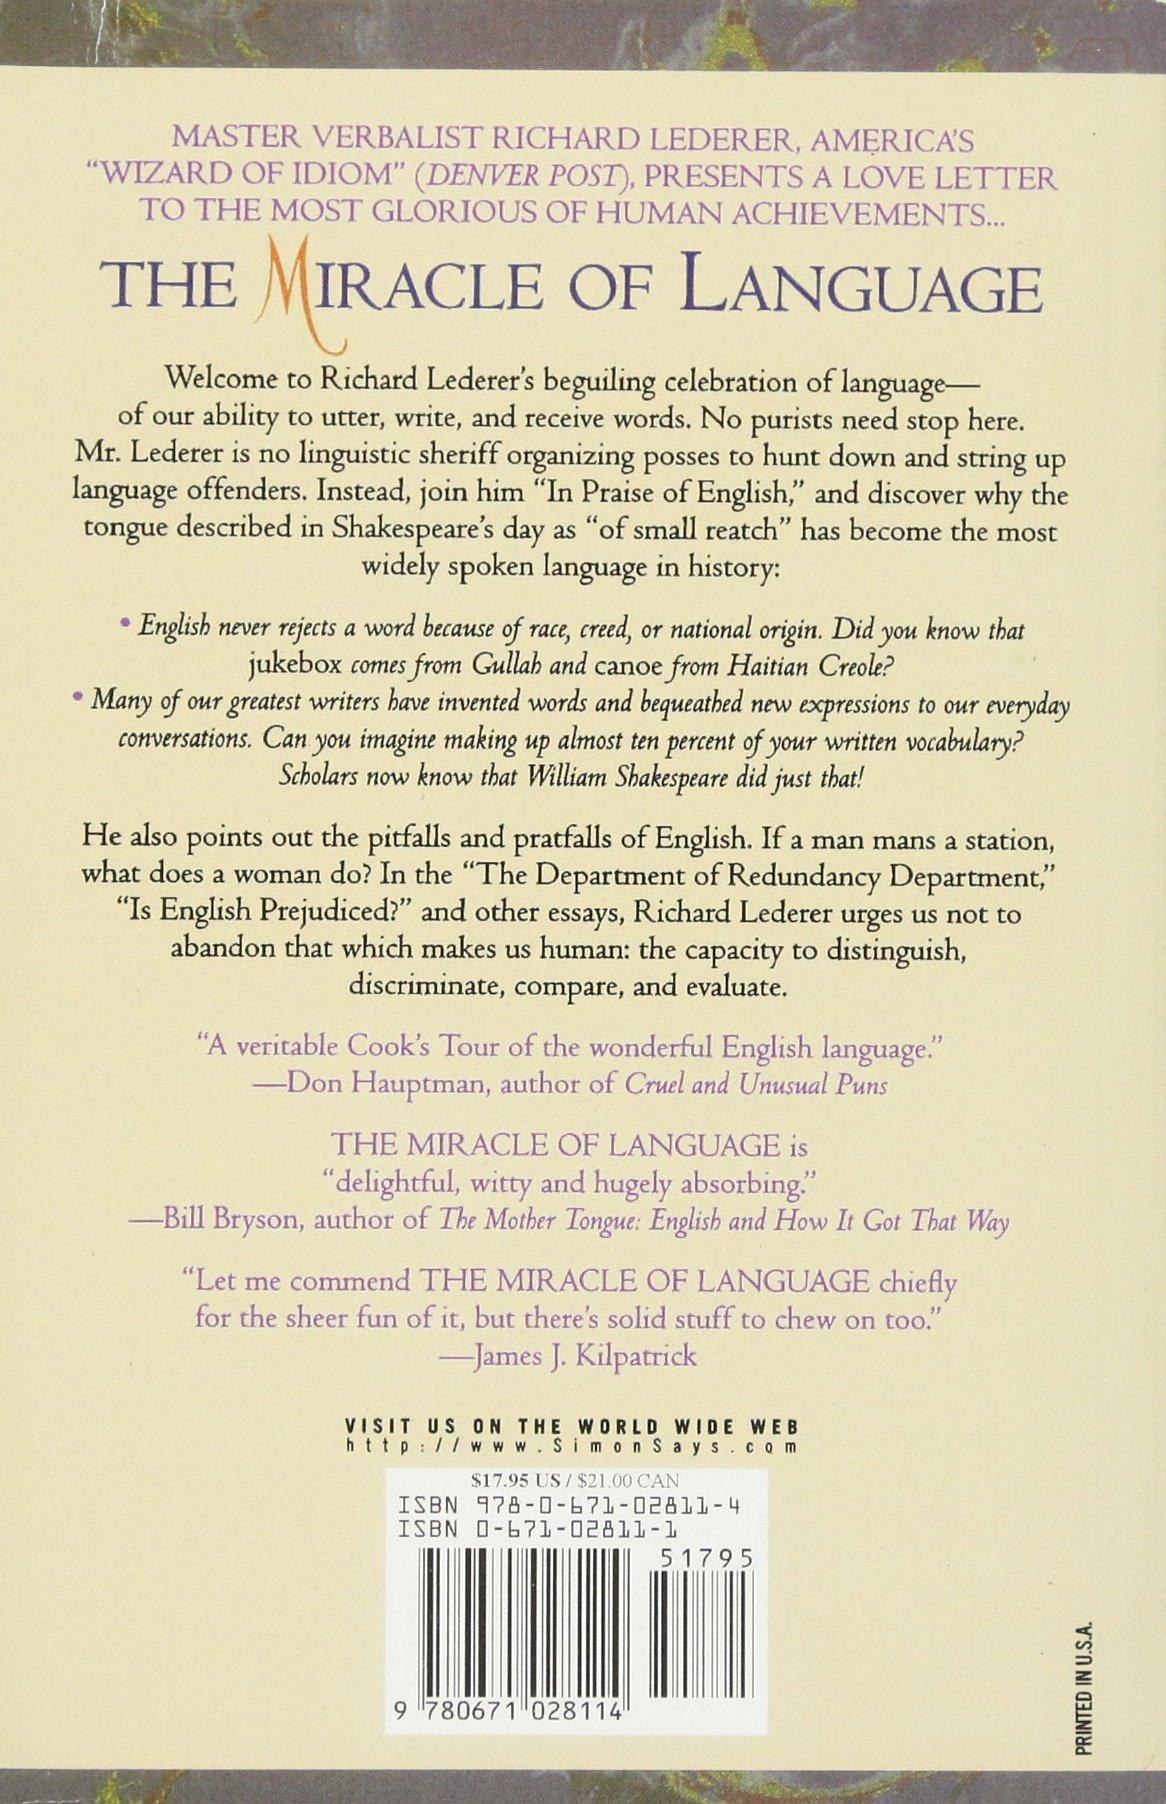 the miracle of language lederer richard